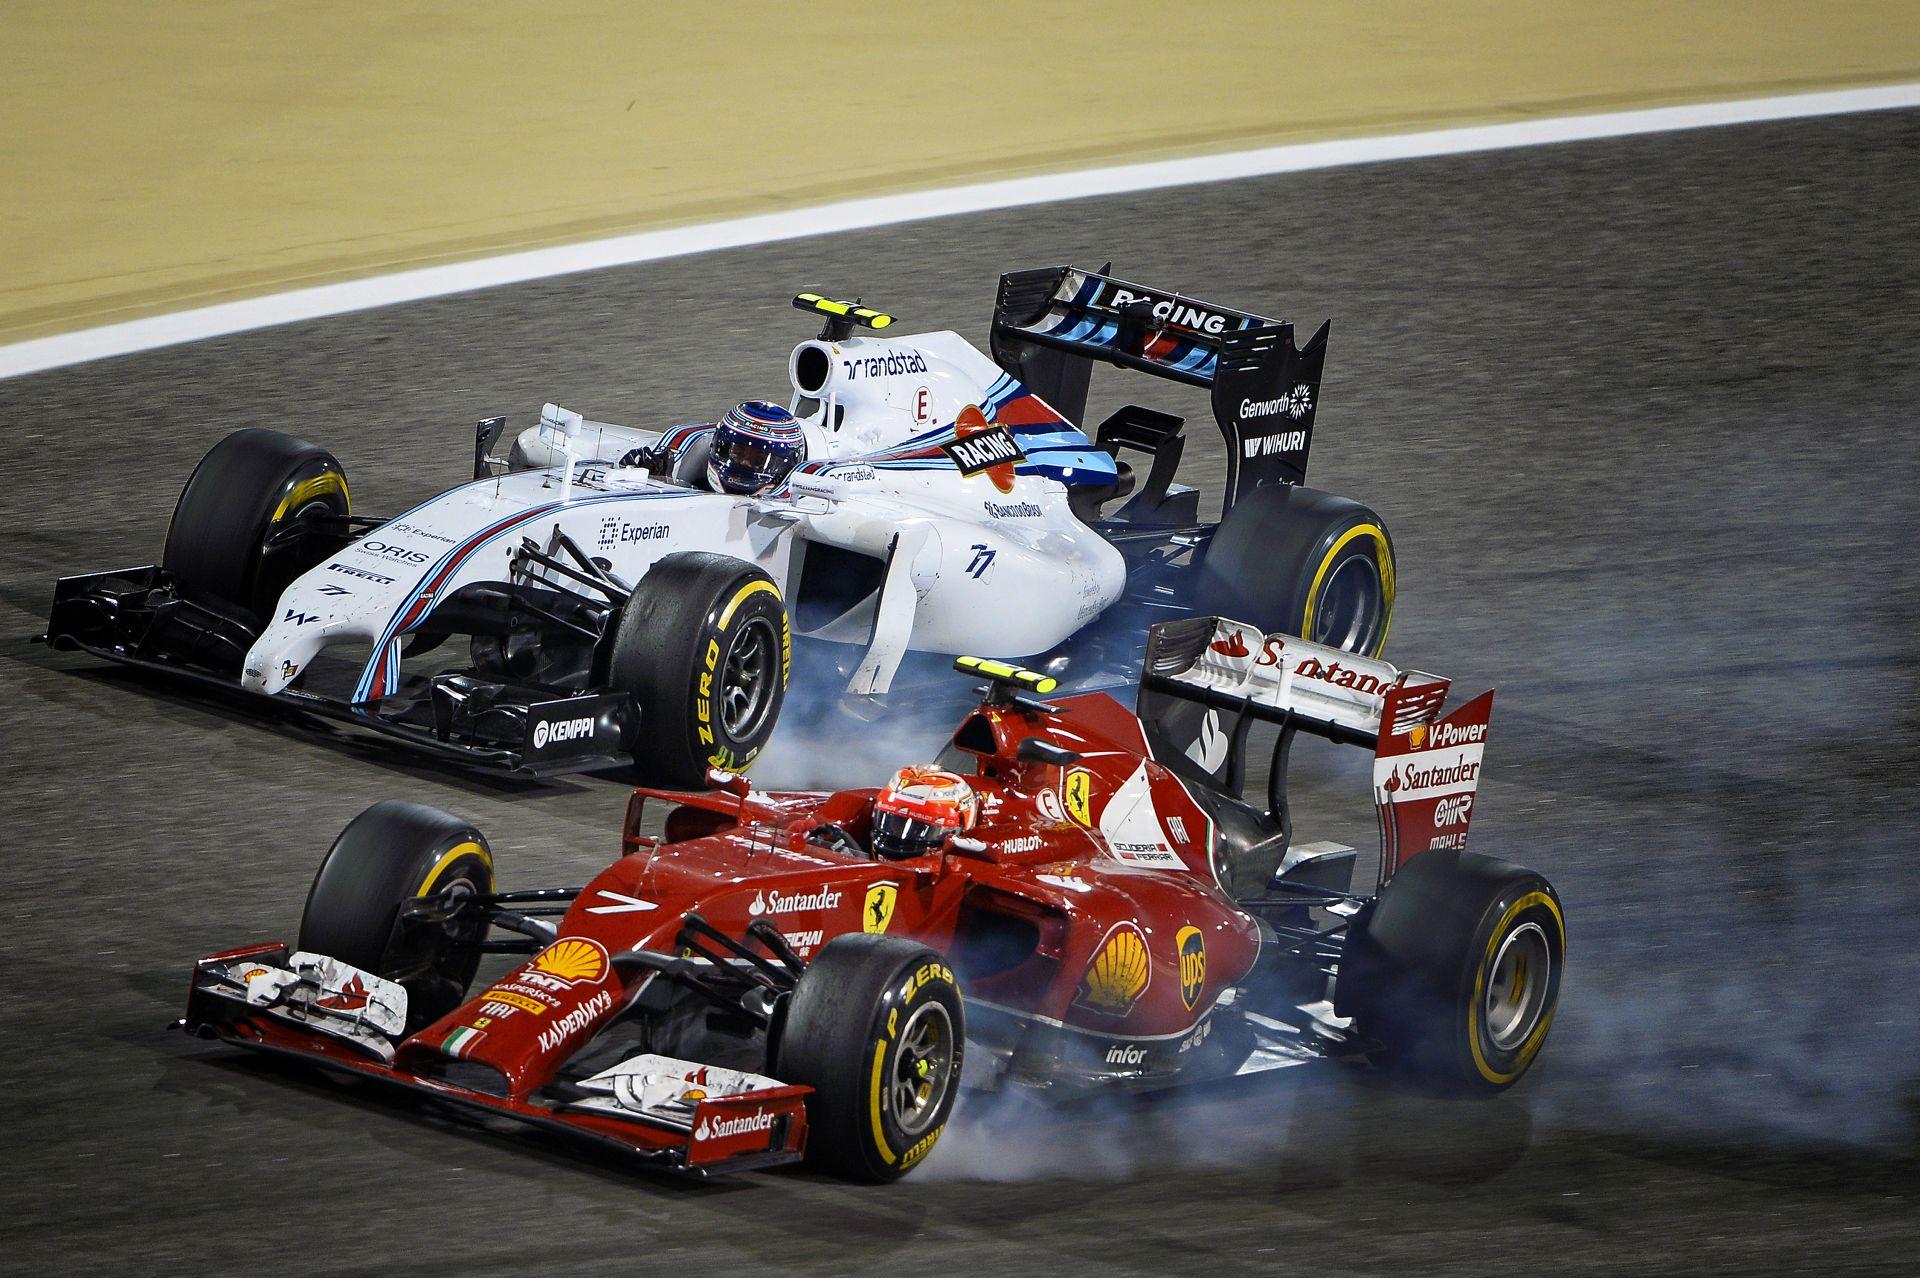 Smedley osztja Massa véleményét: Túl sok a politika a Ferrarinál